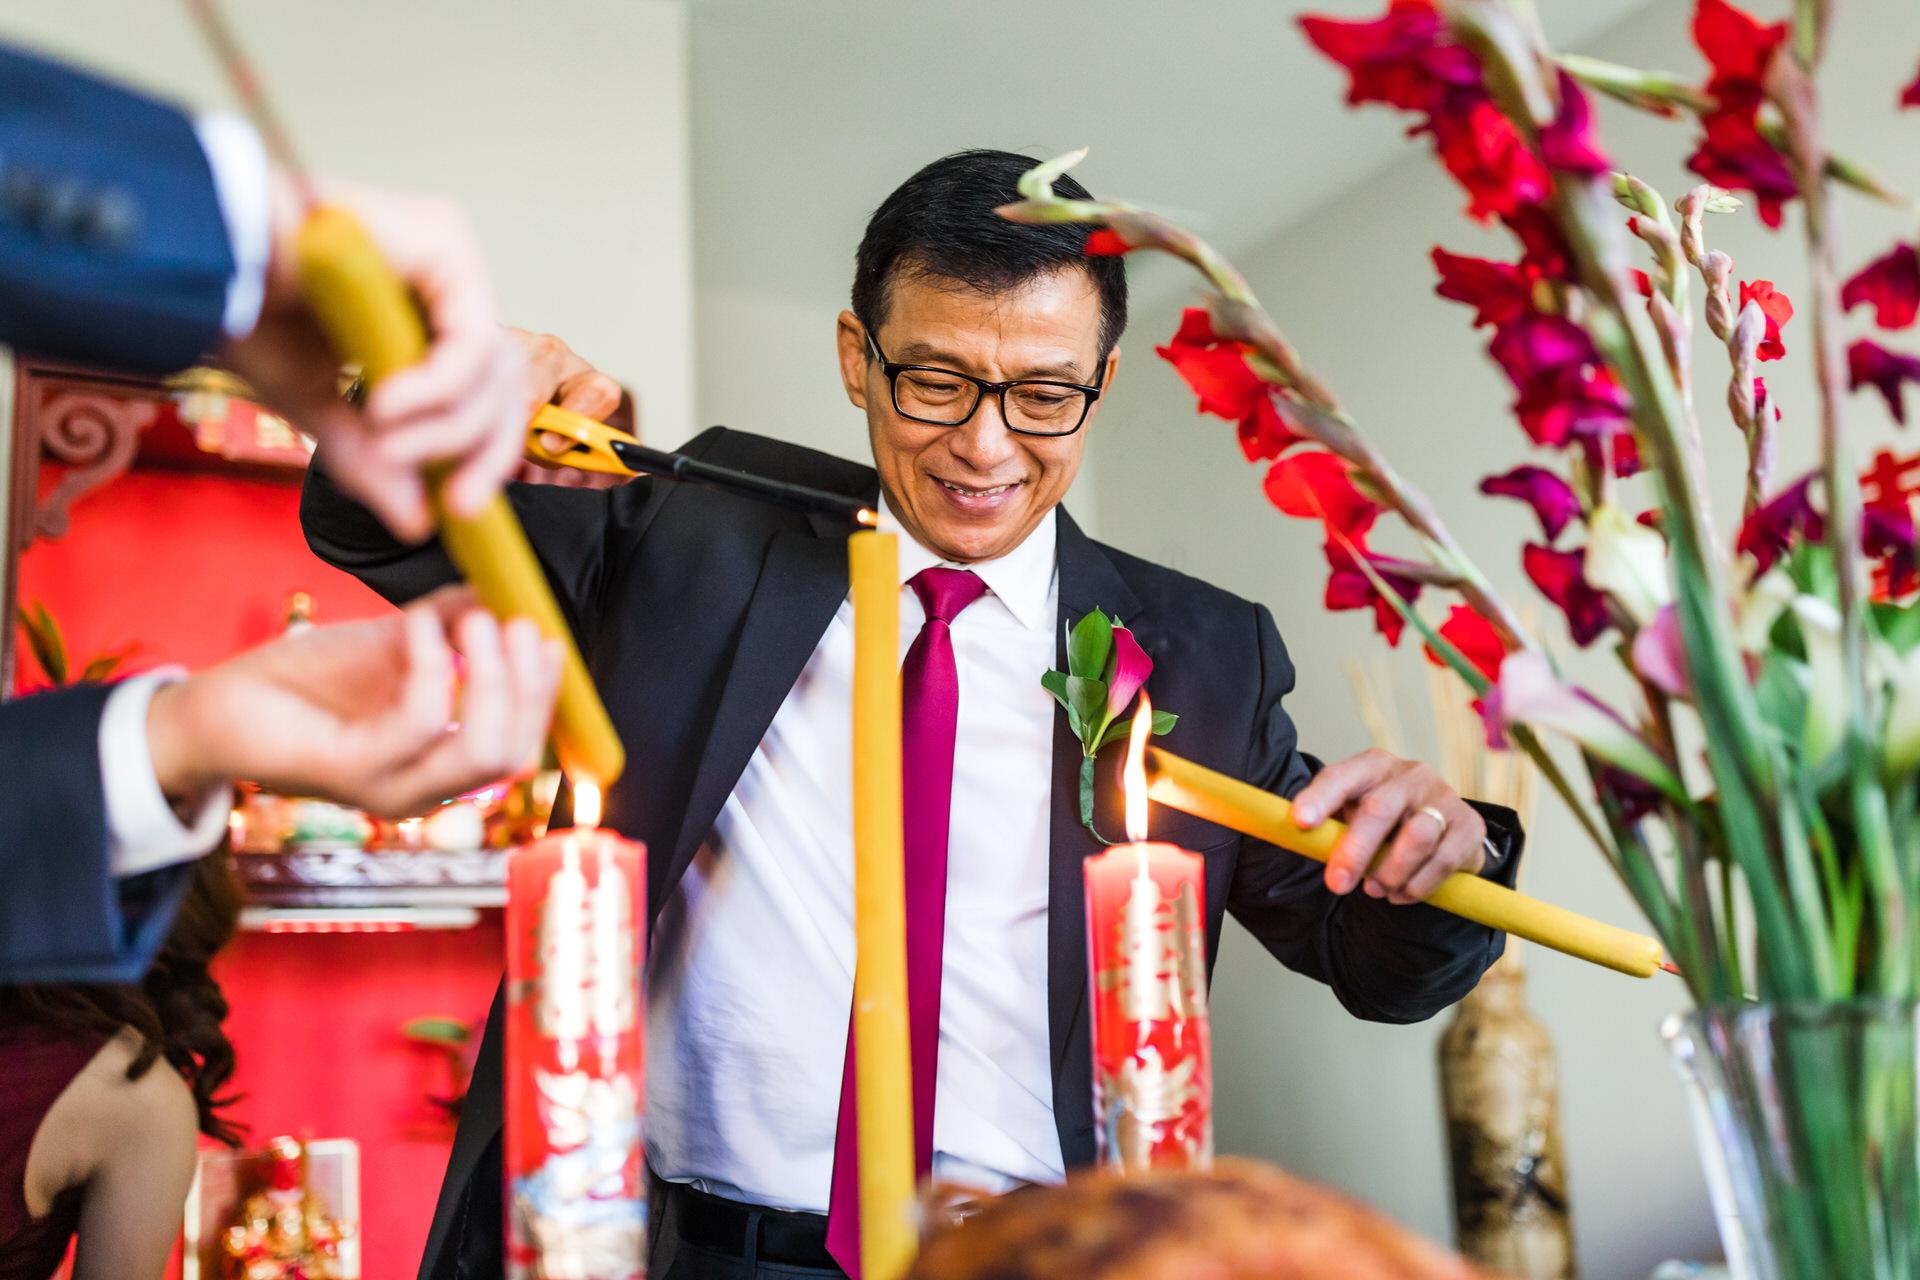 Cérémonie du thé chinoise Photo de mariage - Richmond VA | avoir du mal à allumer les bougies